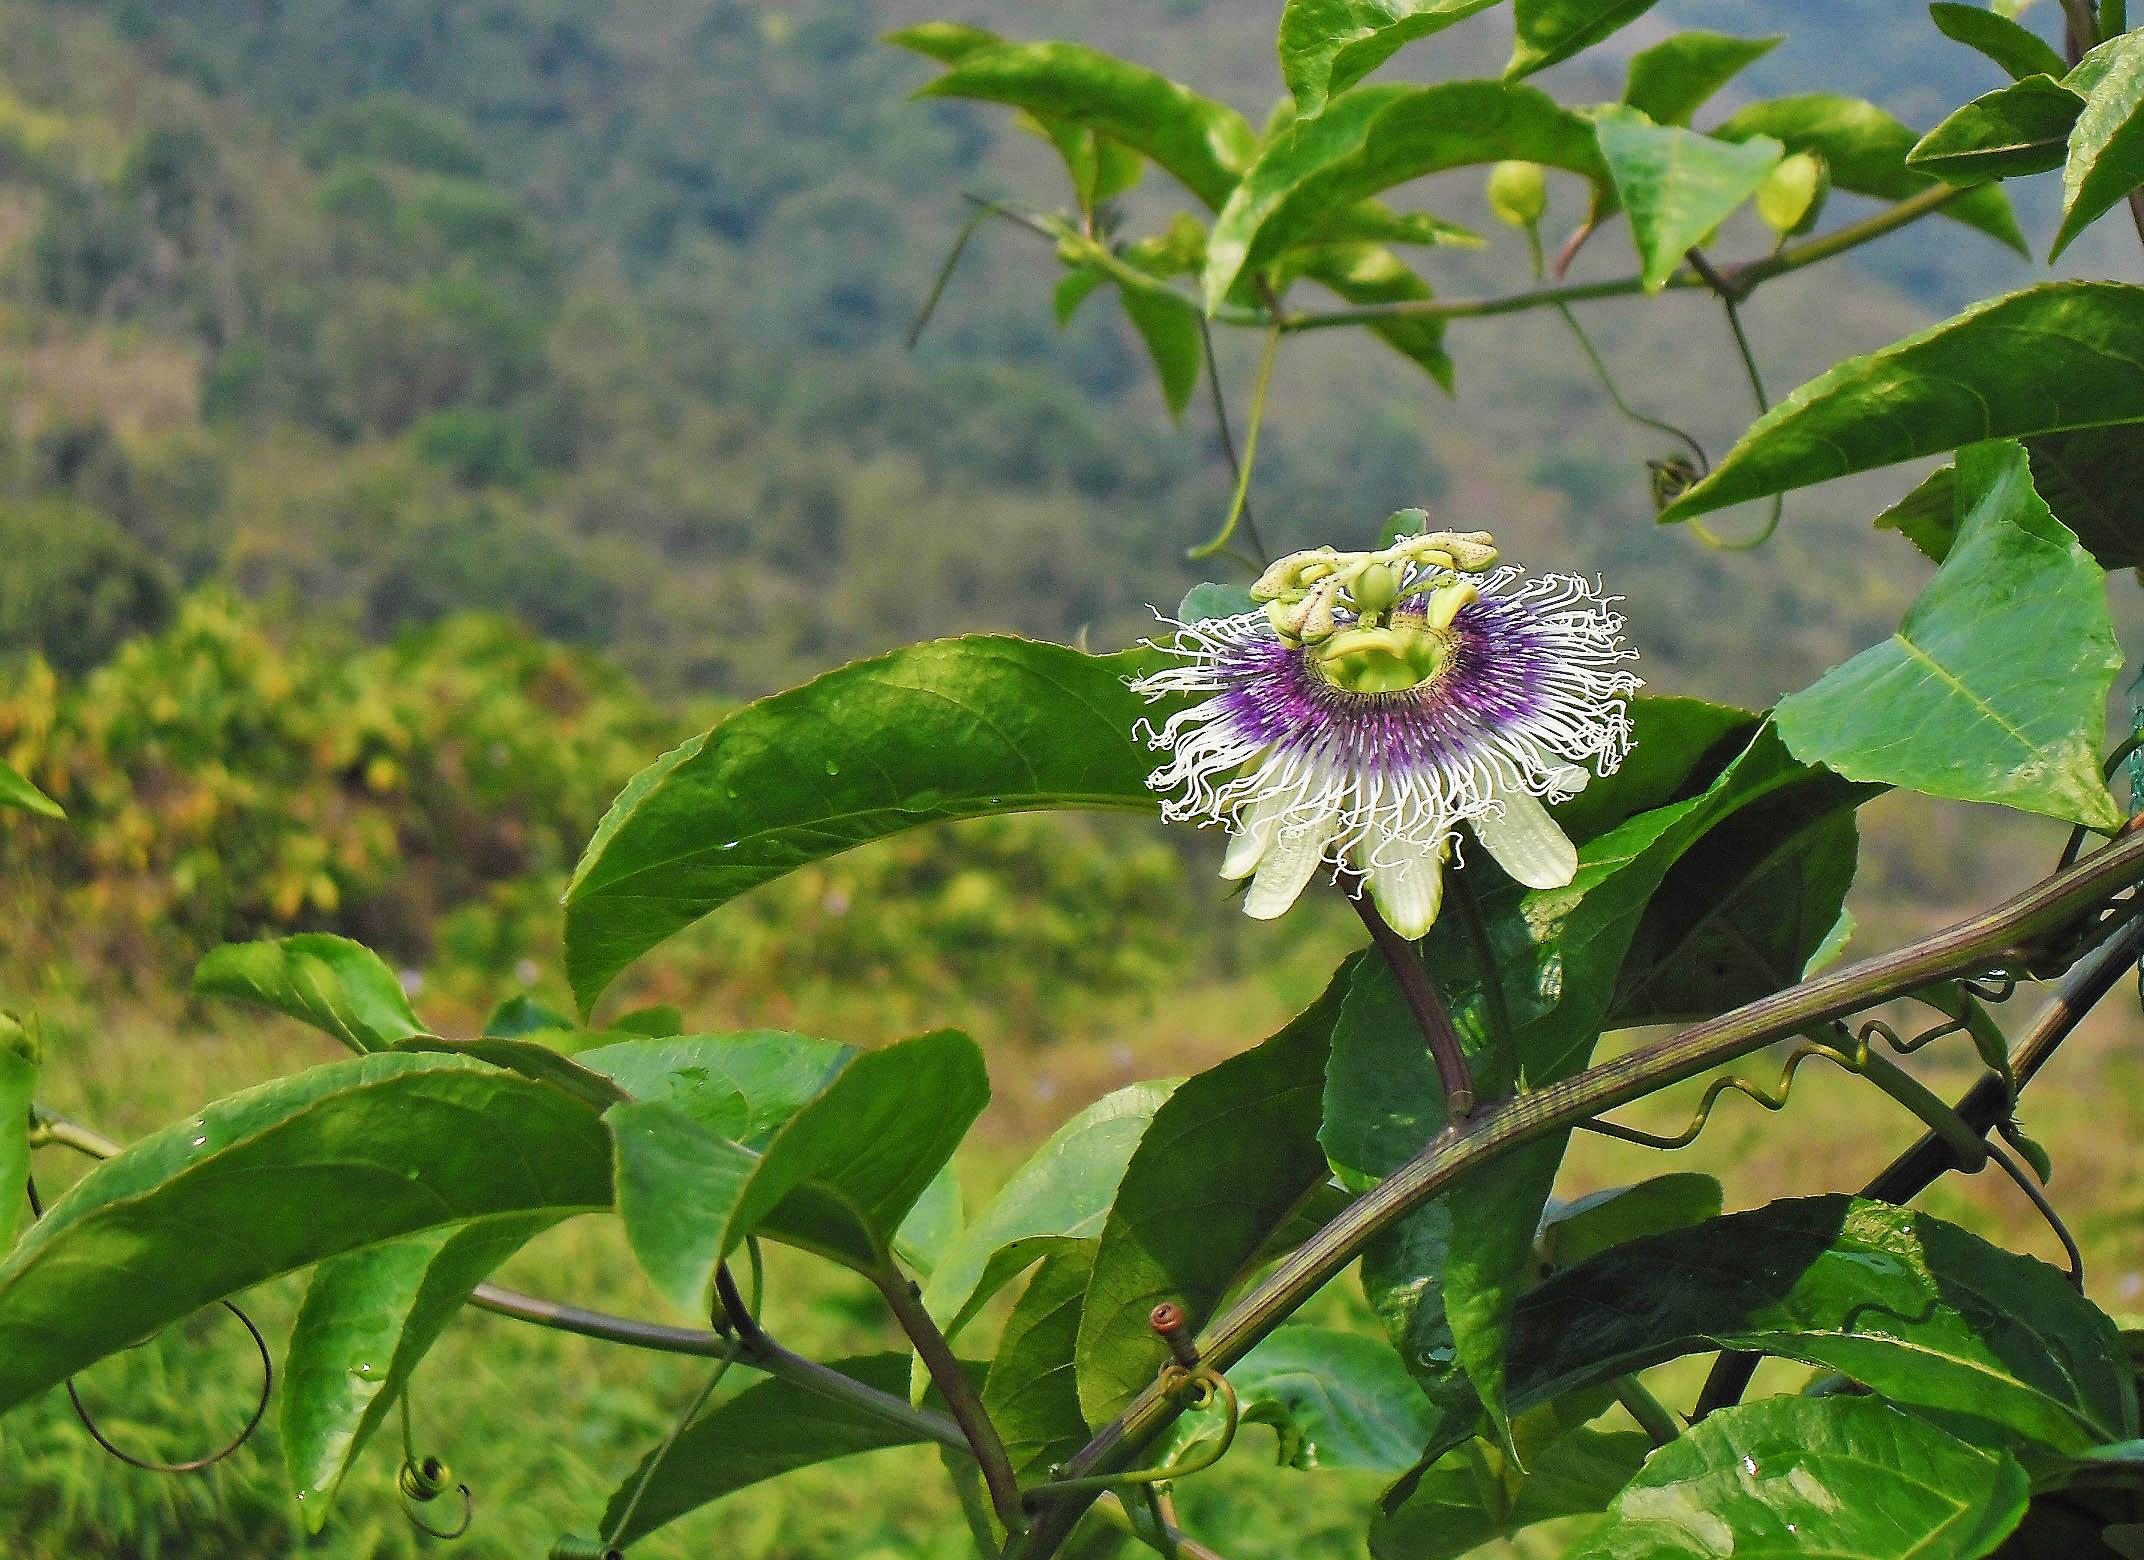 File Passion Fruit flower on the vine in Hong Kong Mar 9 2013 JPG